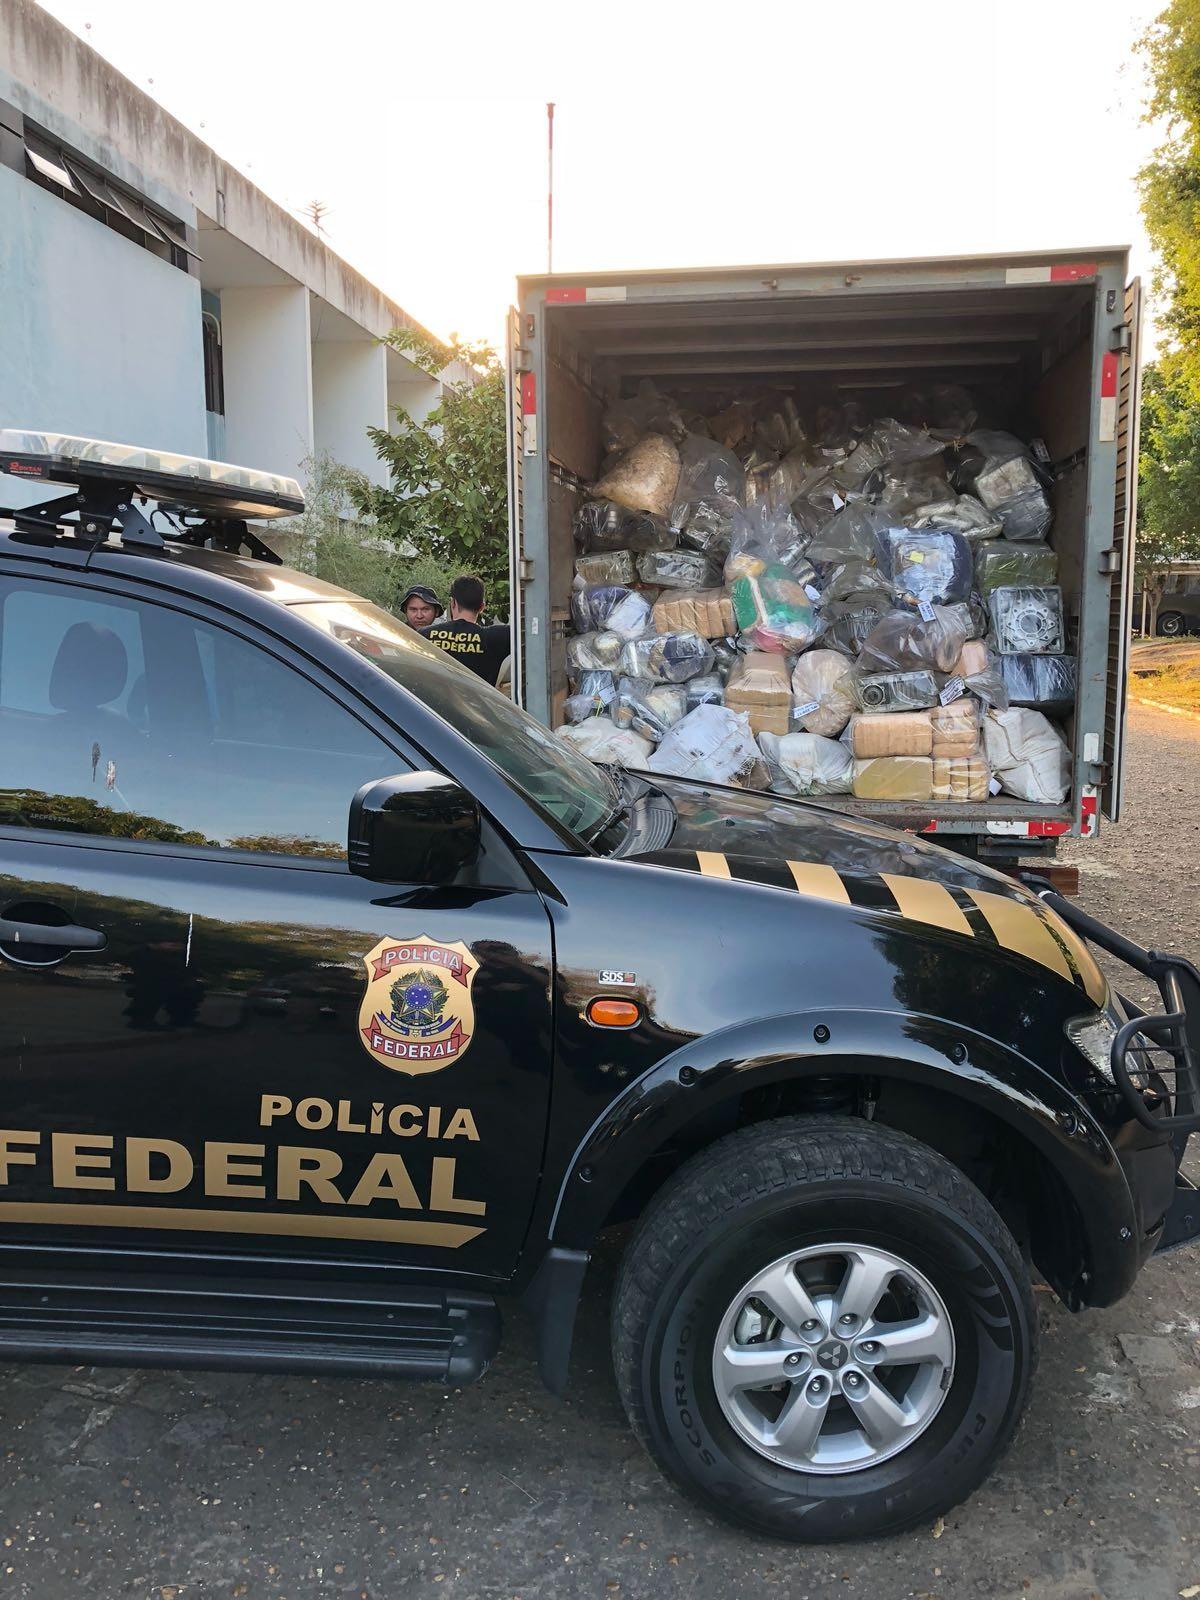 Polícia Federal incinera mais de 4 toneladas de drogas, em Manaus